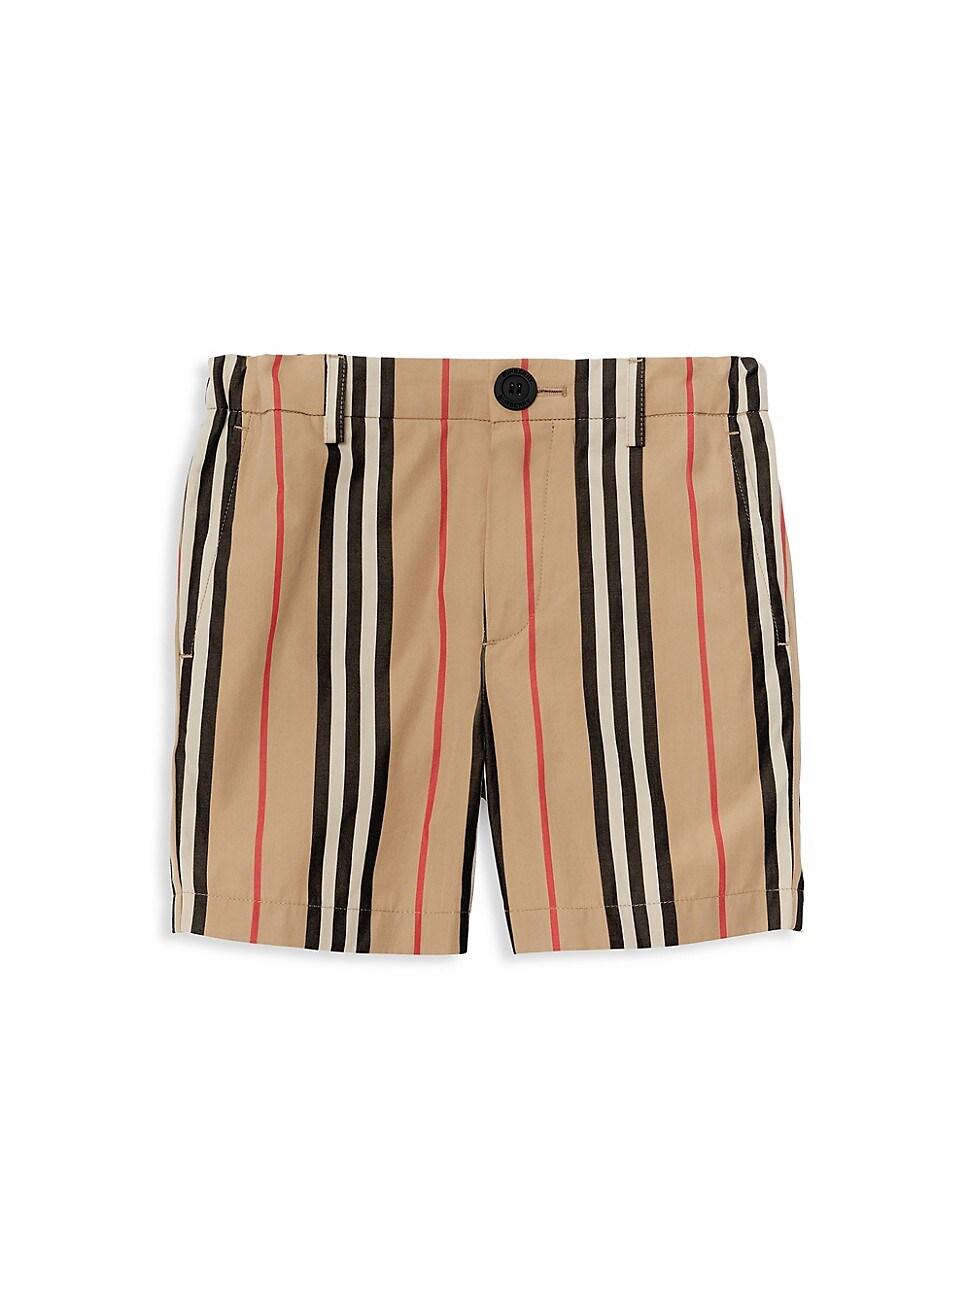 Burberry Kids' Little Boy's & Boy's Nicki Icon Stripe Woven Shorts In Beige